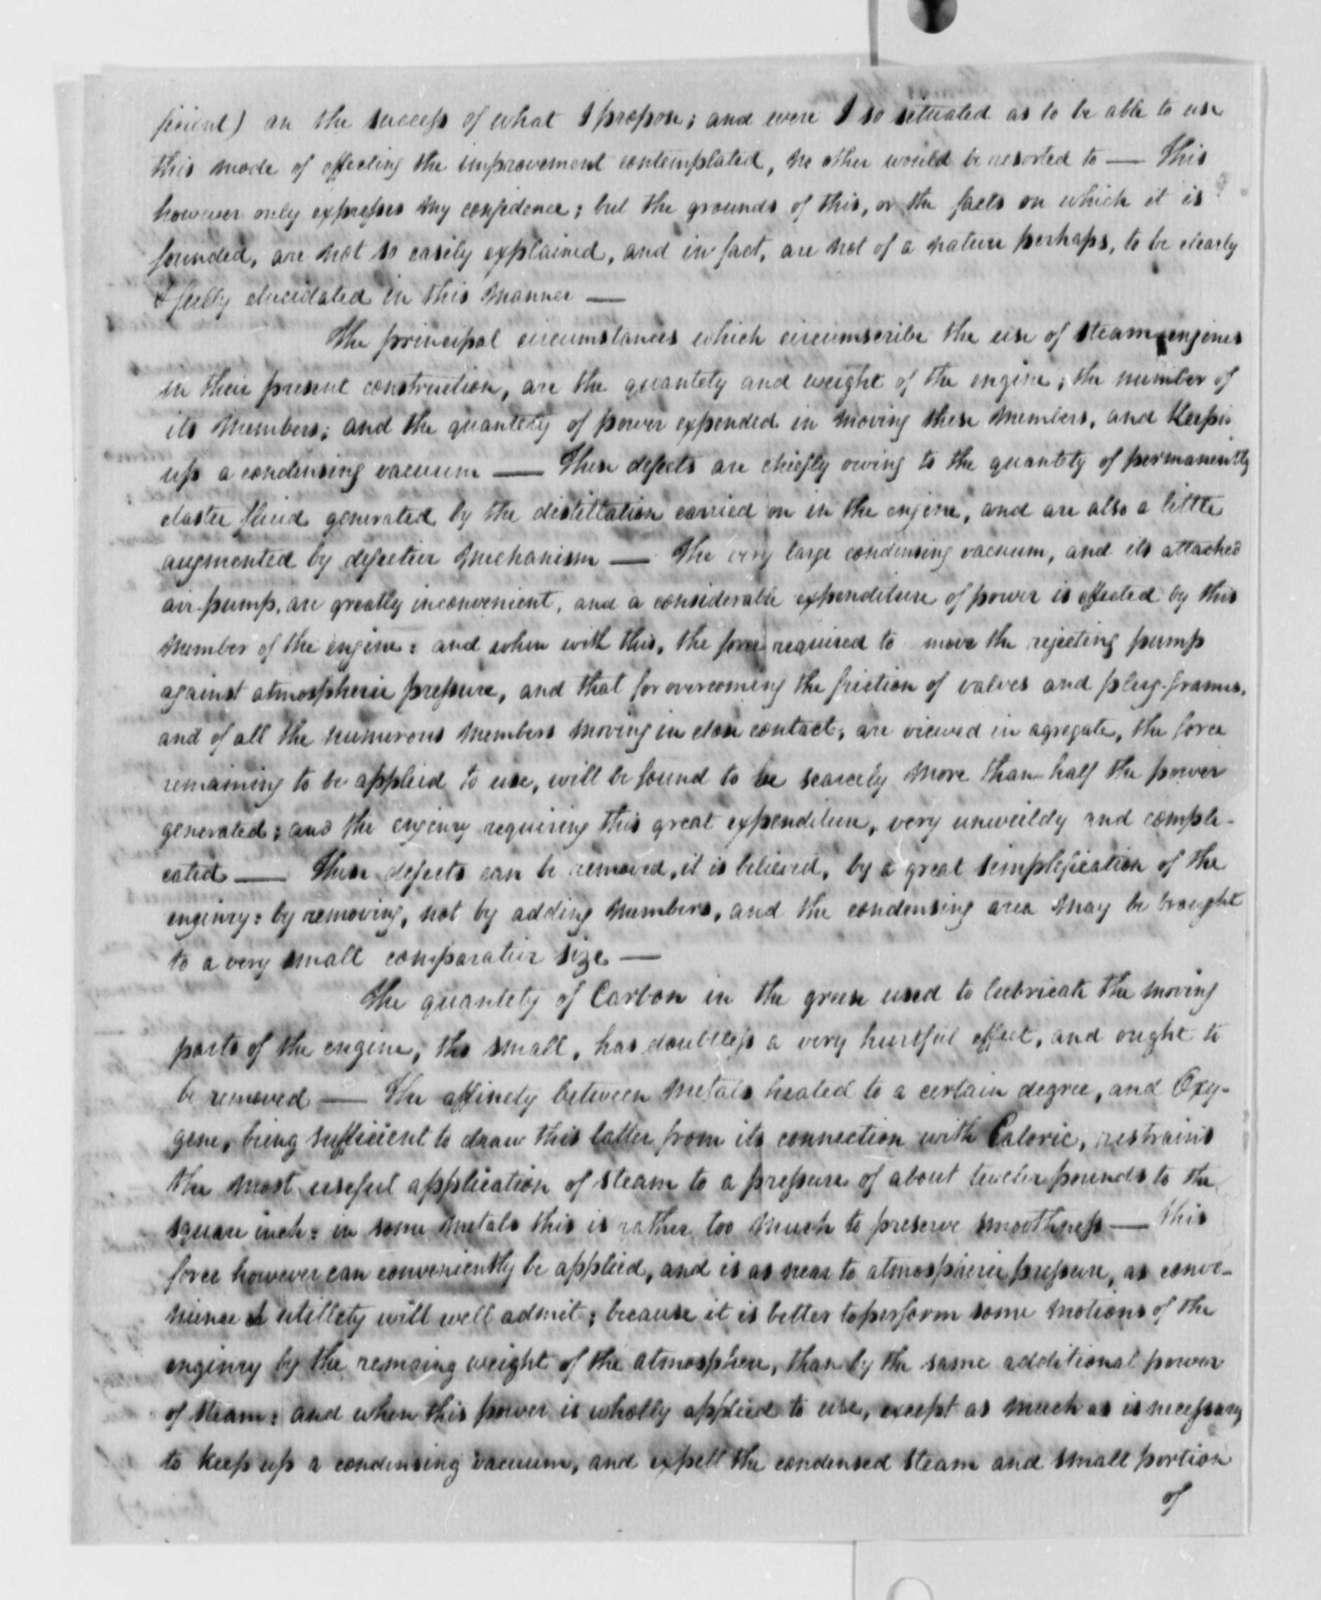 James Sylvester McLean to Thomas Jefferson, September 30, 1802